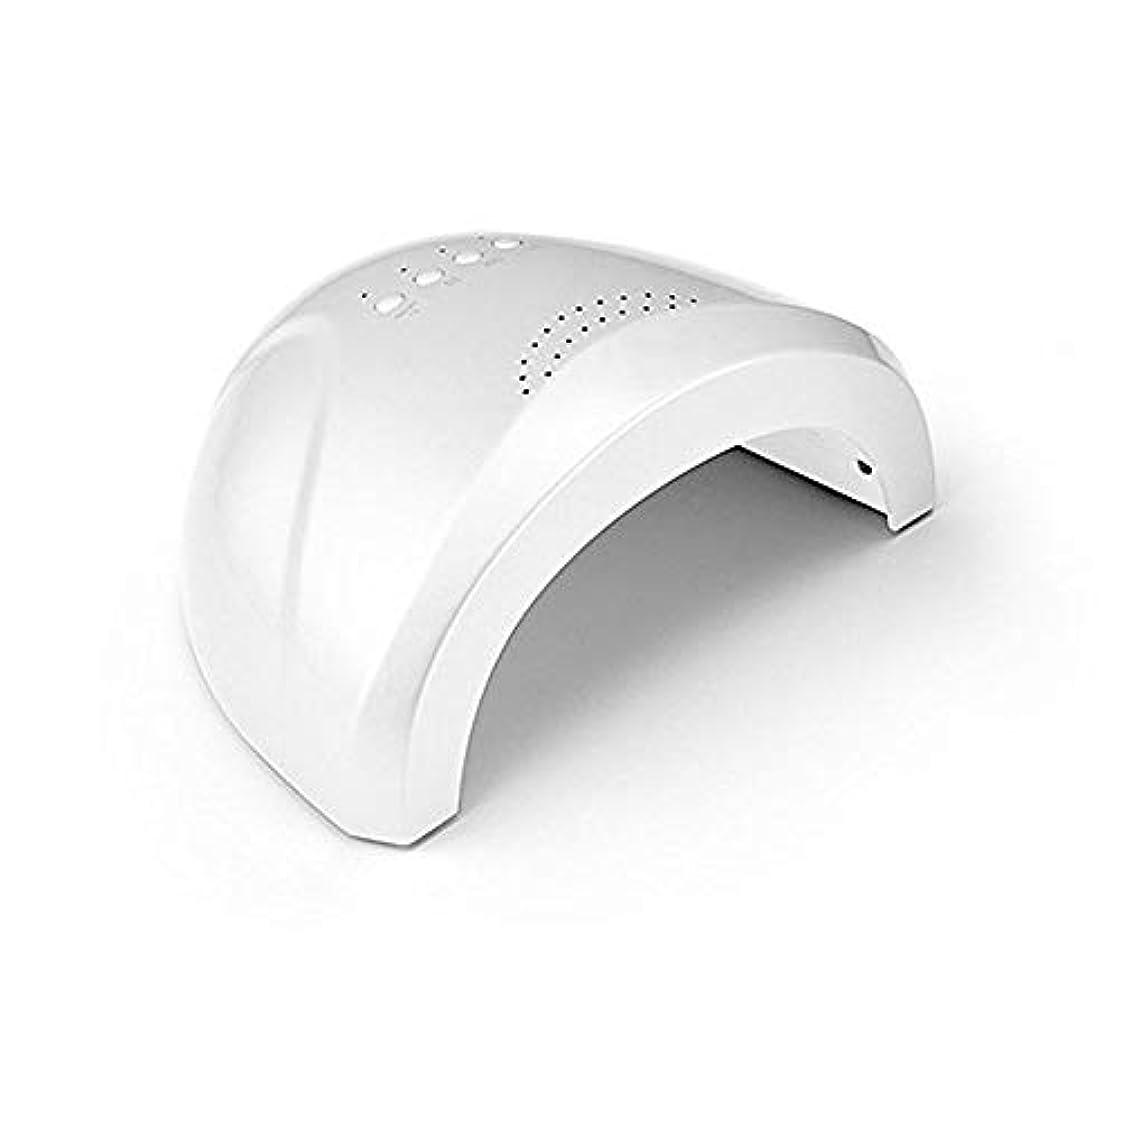 リー通知無意識LED UVネイルドライヤーホワイトライトネイルランプ高速硬化3タイマー設定5 s / 30 s / 60 s爪&足の爪のネイルアートサロンツールの自動センサーマシン